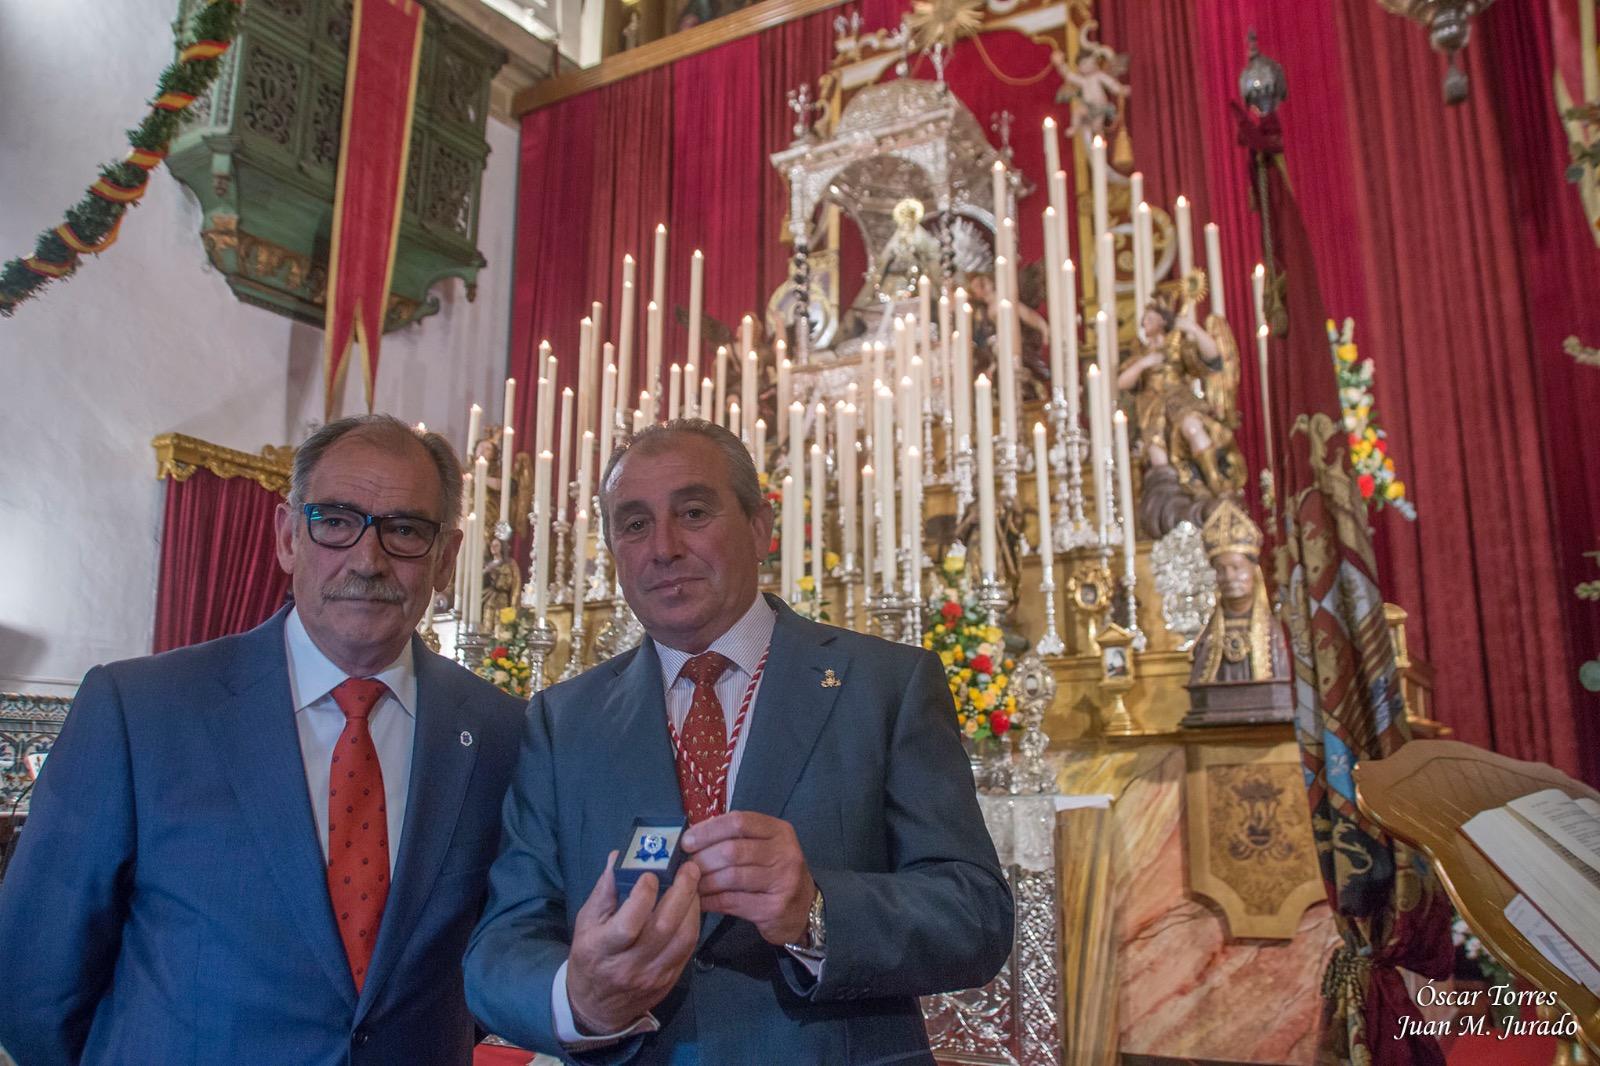 INSIGNIA DE HONOR A LA VIRGEN DE LA CARIDAD CORONADA DE SANLÚCAR DE BARRAMEDA-CÁDIZ